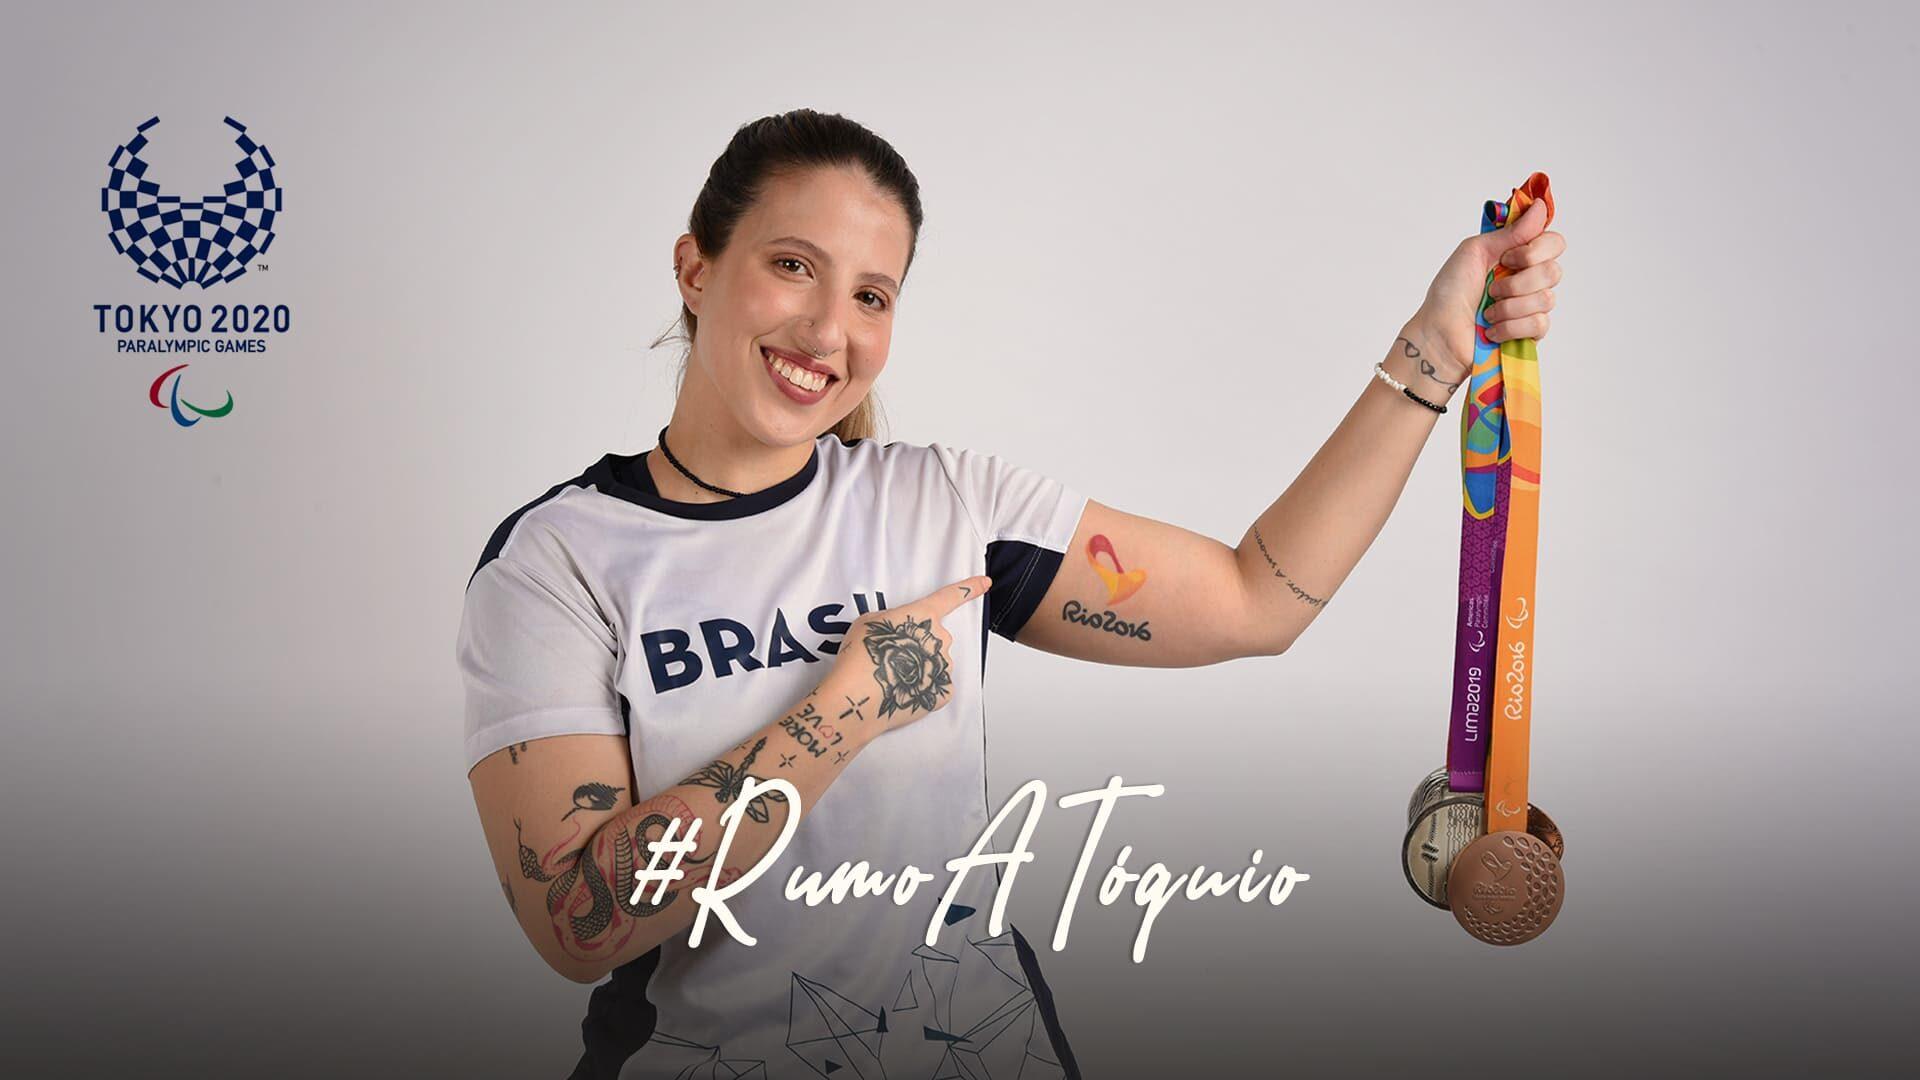 Foto que traduz a trajetória da mesa-tenista Jennyfer Parinos, com logo dos Jogos Paralímpicos de Tokyo 2020 e a hashtag #RumoATóquio.